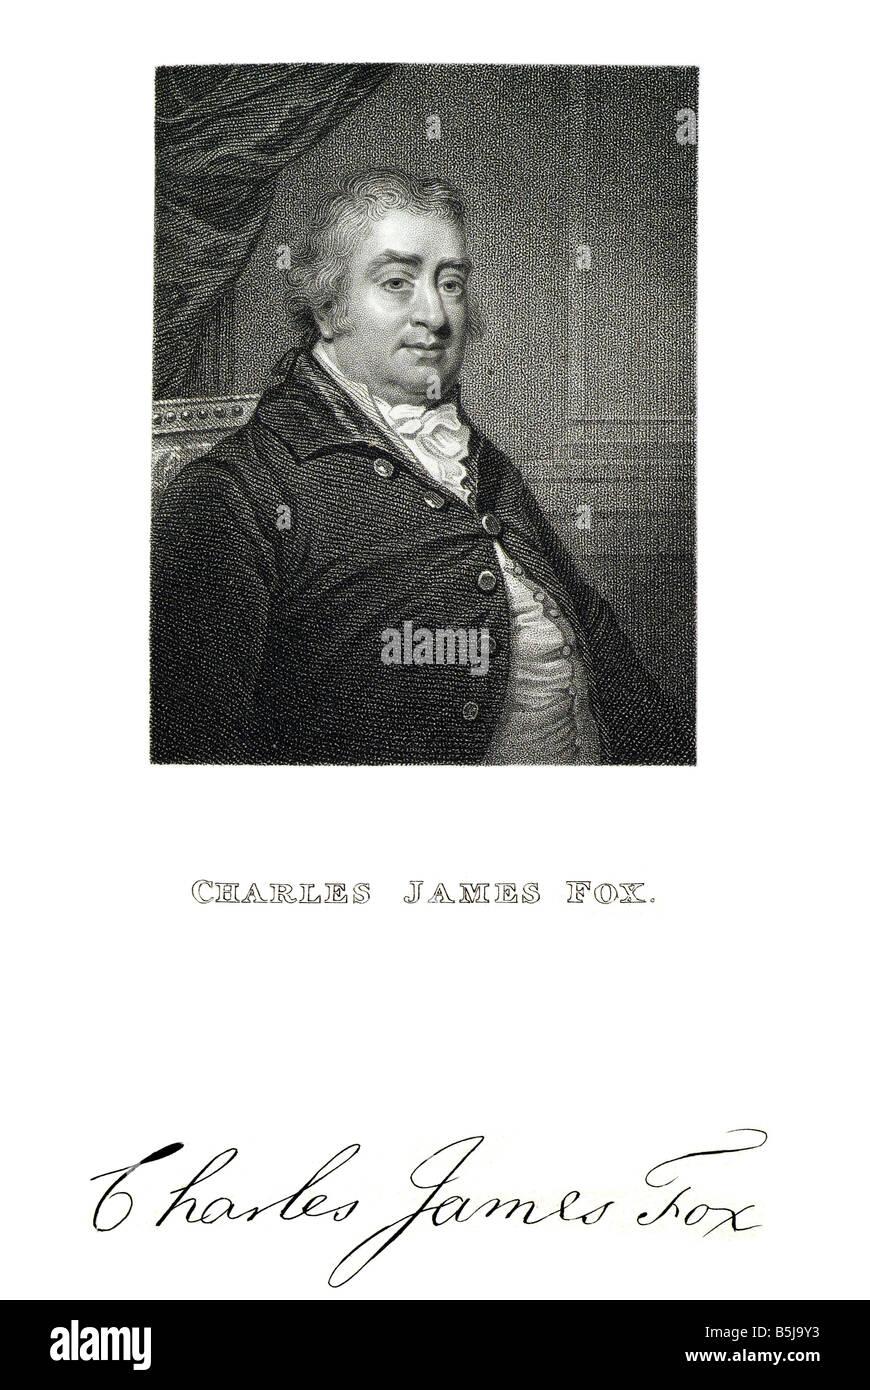 Charles James Fox il diritto agli onorevoli Charles James Fox (24 gennaio 1749 - 13 settembre 1806) era un prominente Immagini Stock